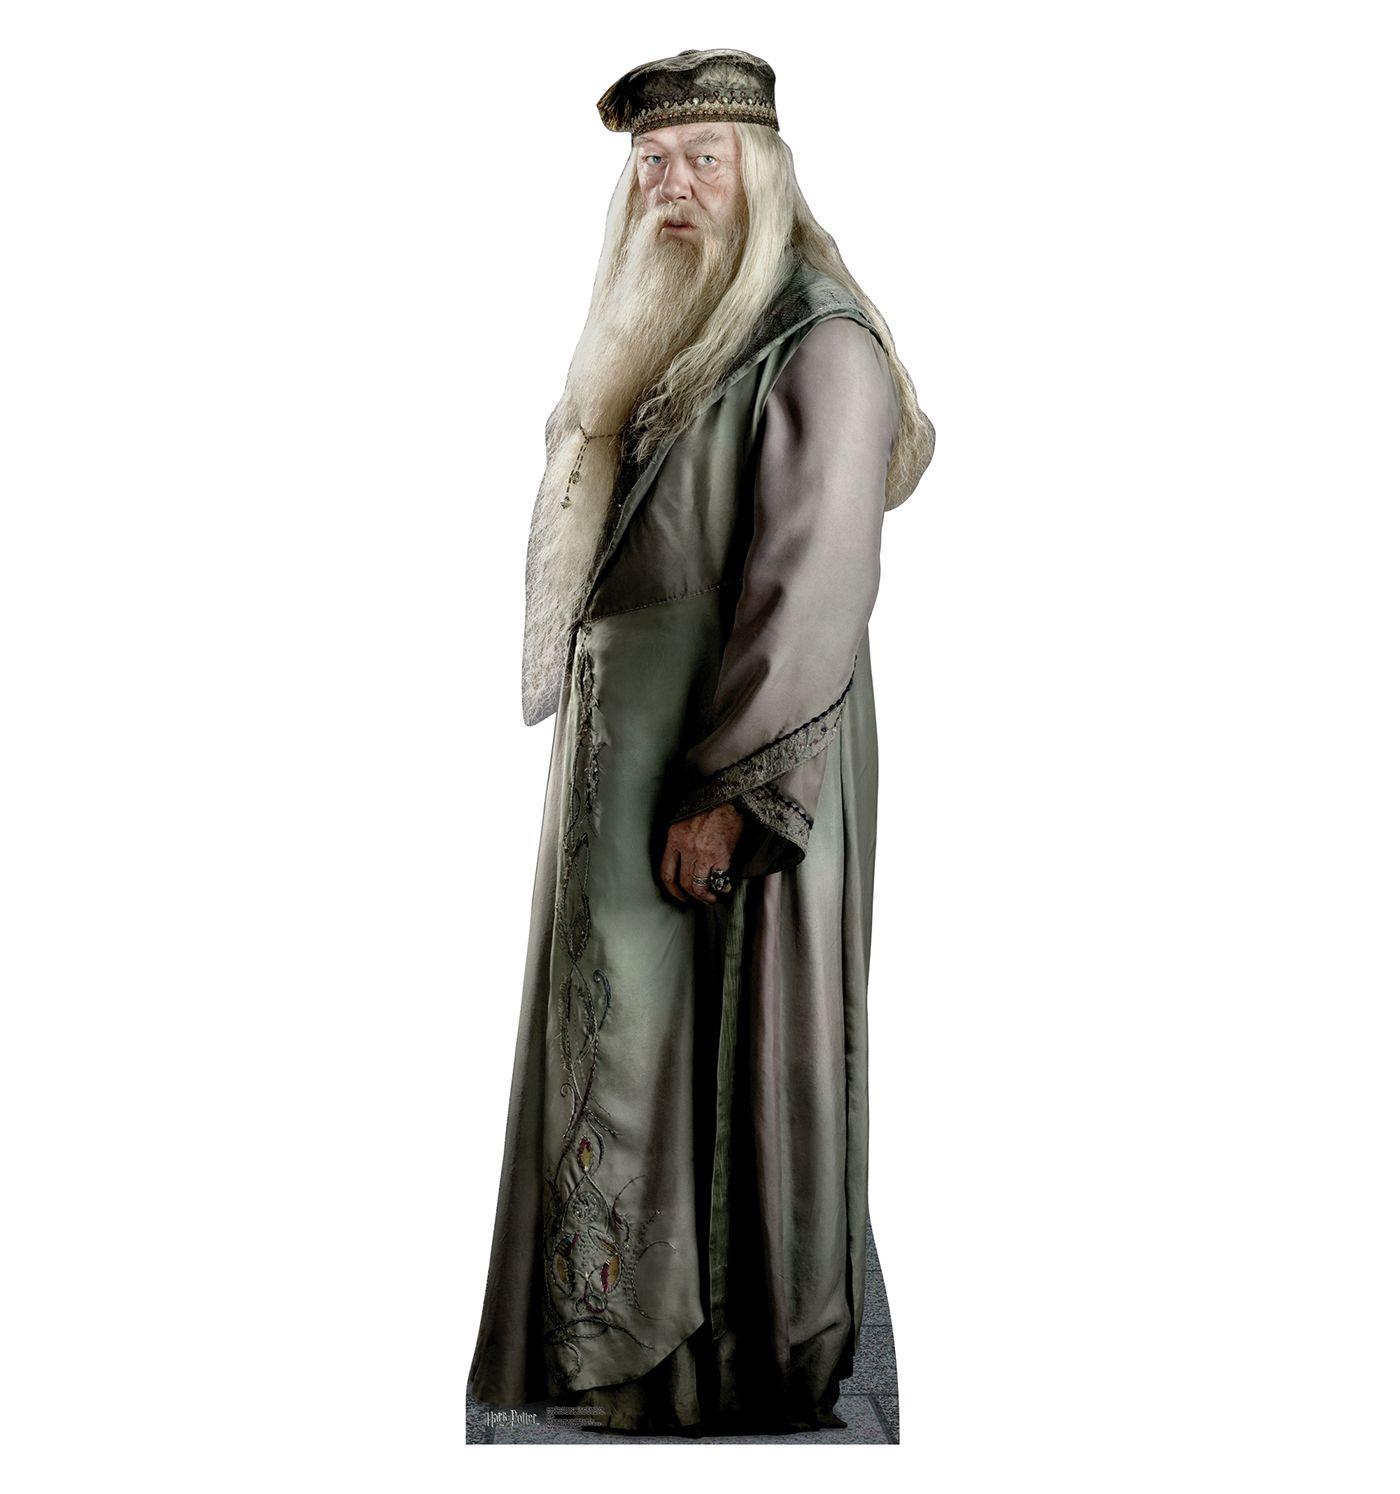 Professor Dumbledore Cardboard Cutout 886 Dumbledore Costume Harry Potter Professors Dumbledore